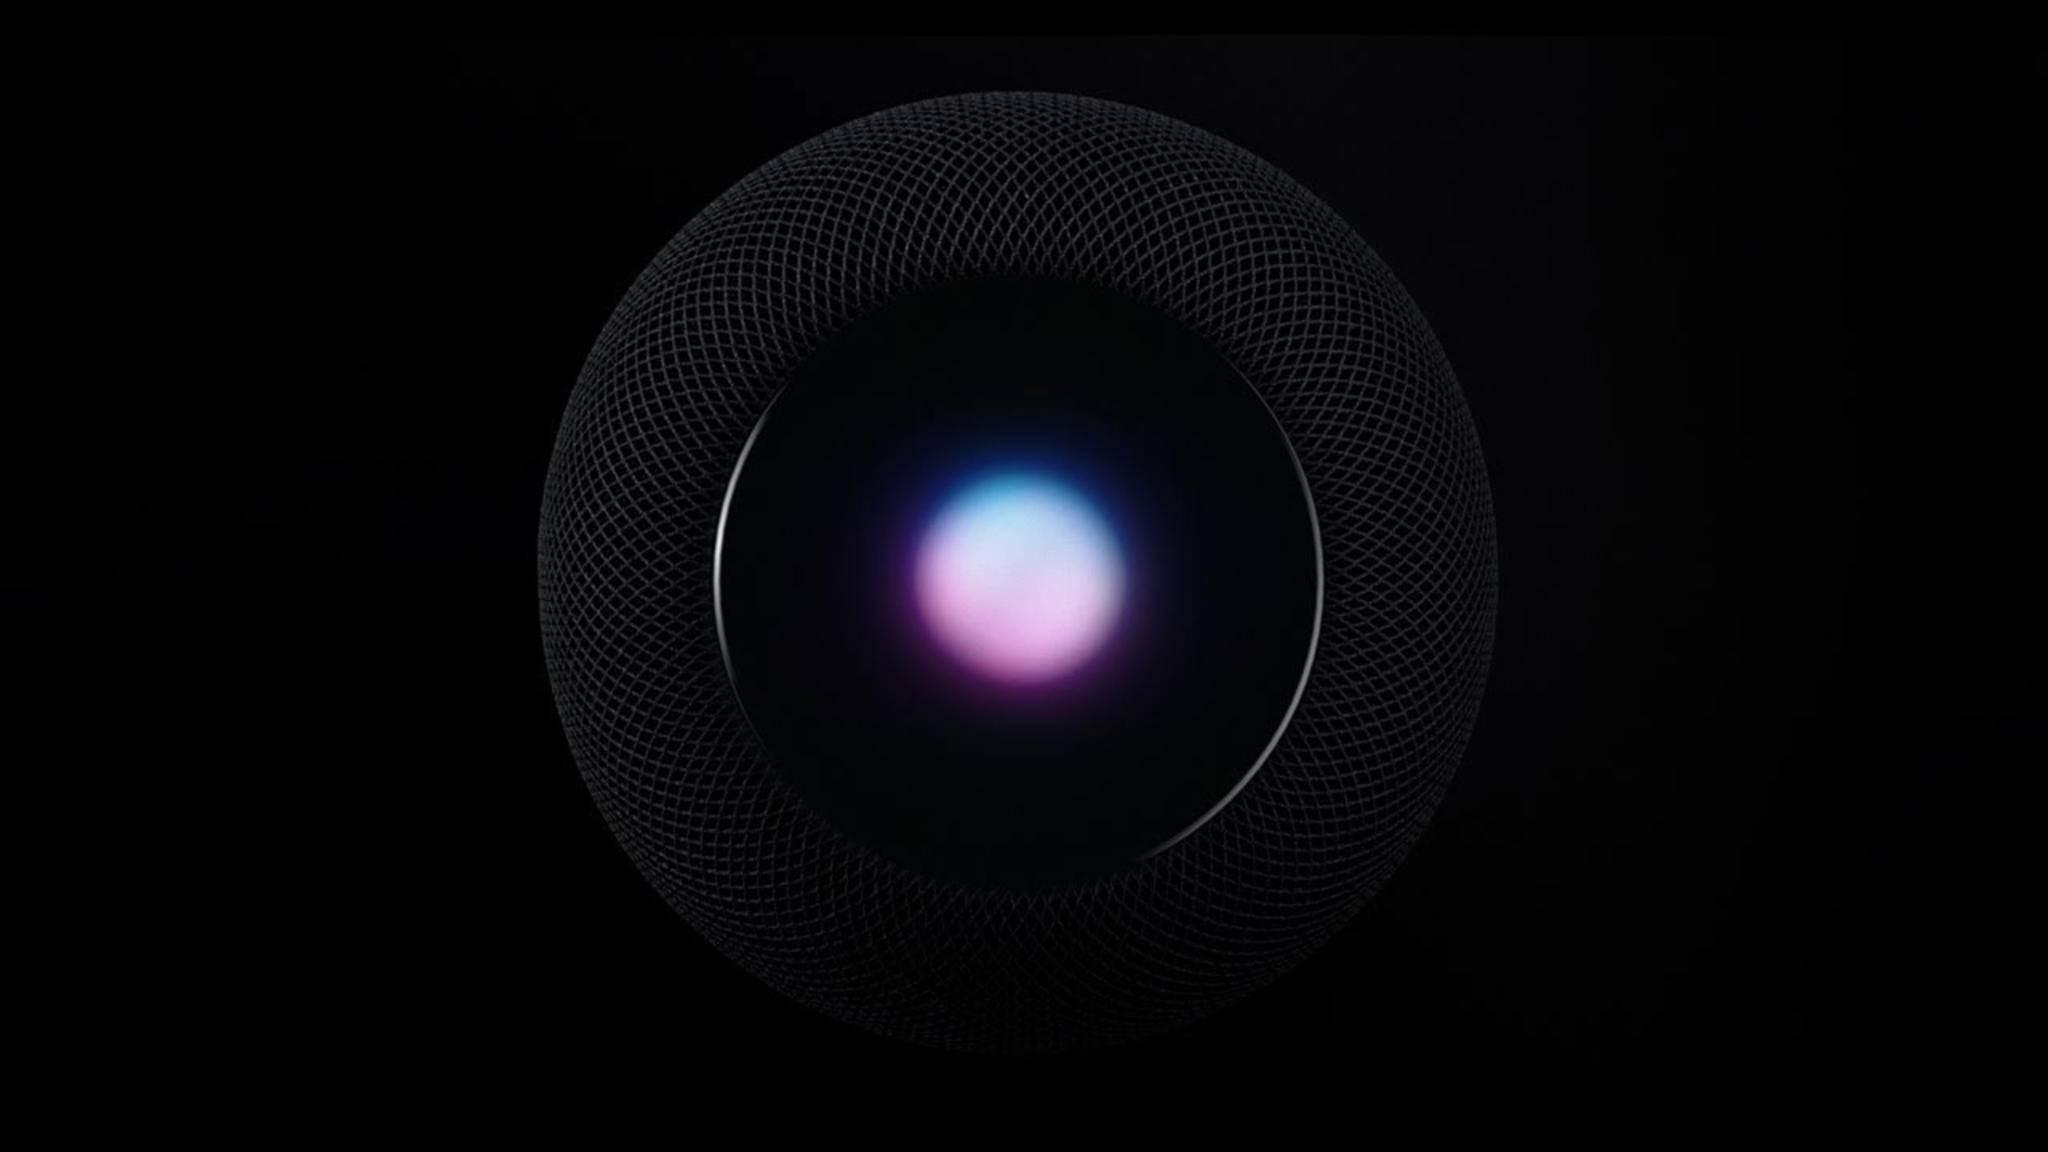 Das Display auf der Oberseite des Apple HomePod kann mit Touch-Eingaben bedient werden.